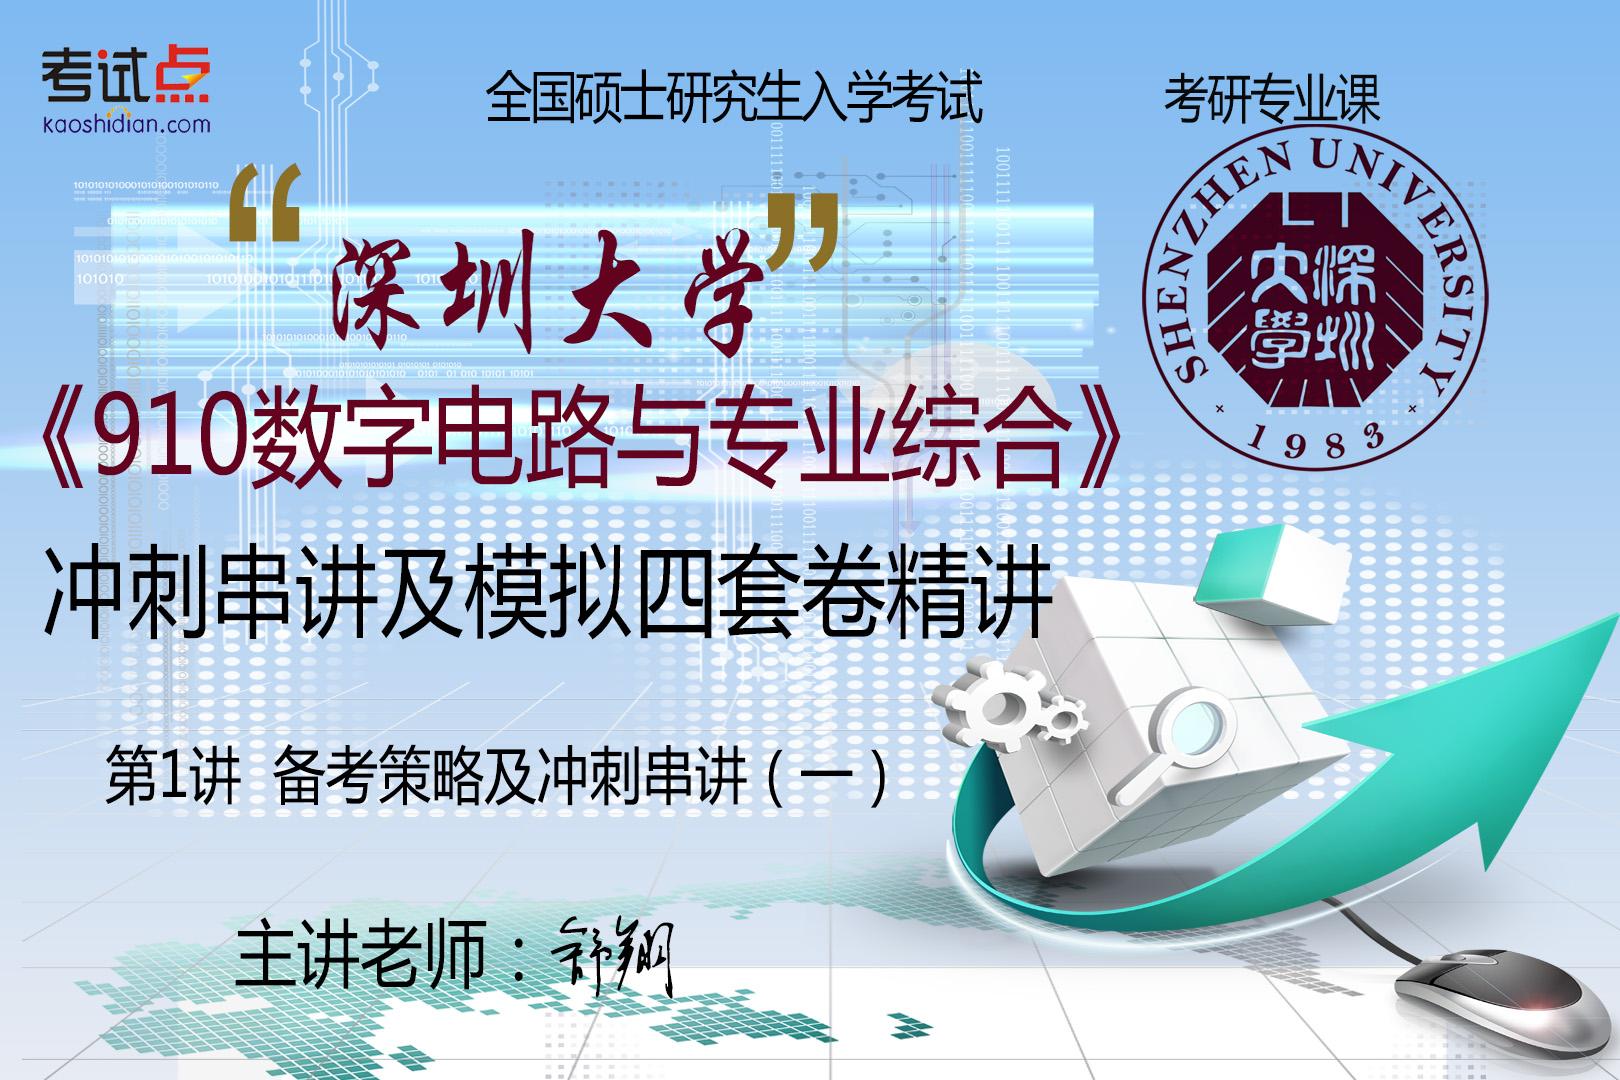 【考研专业课】深圳大学《910数字电路与专业综合》冲刺串讲及模拟四